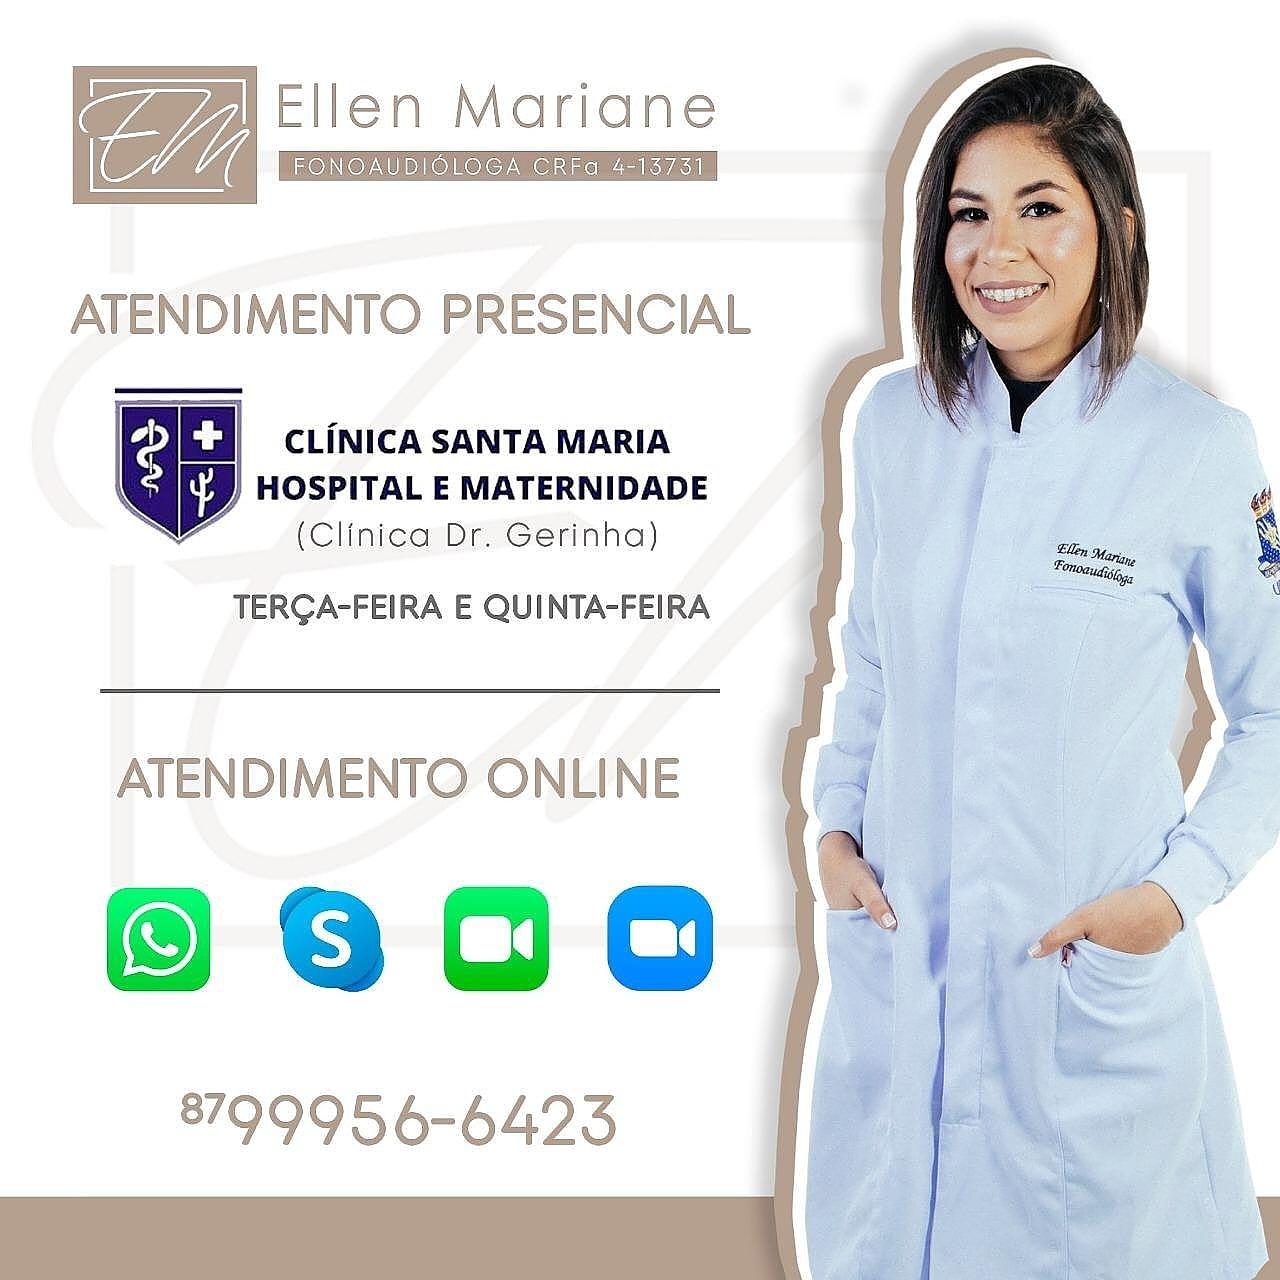 SJE e região agora tem o atendimento da fonoaudióloga Ellen Mariane